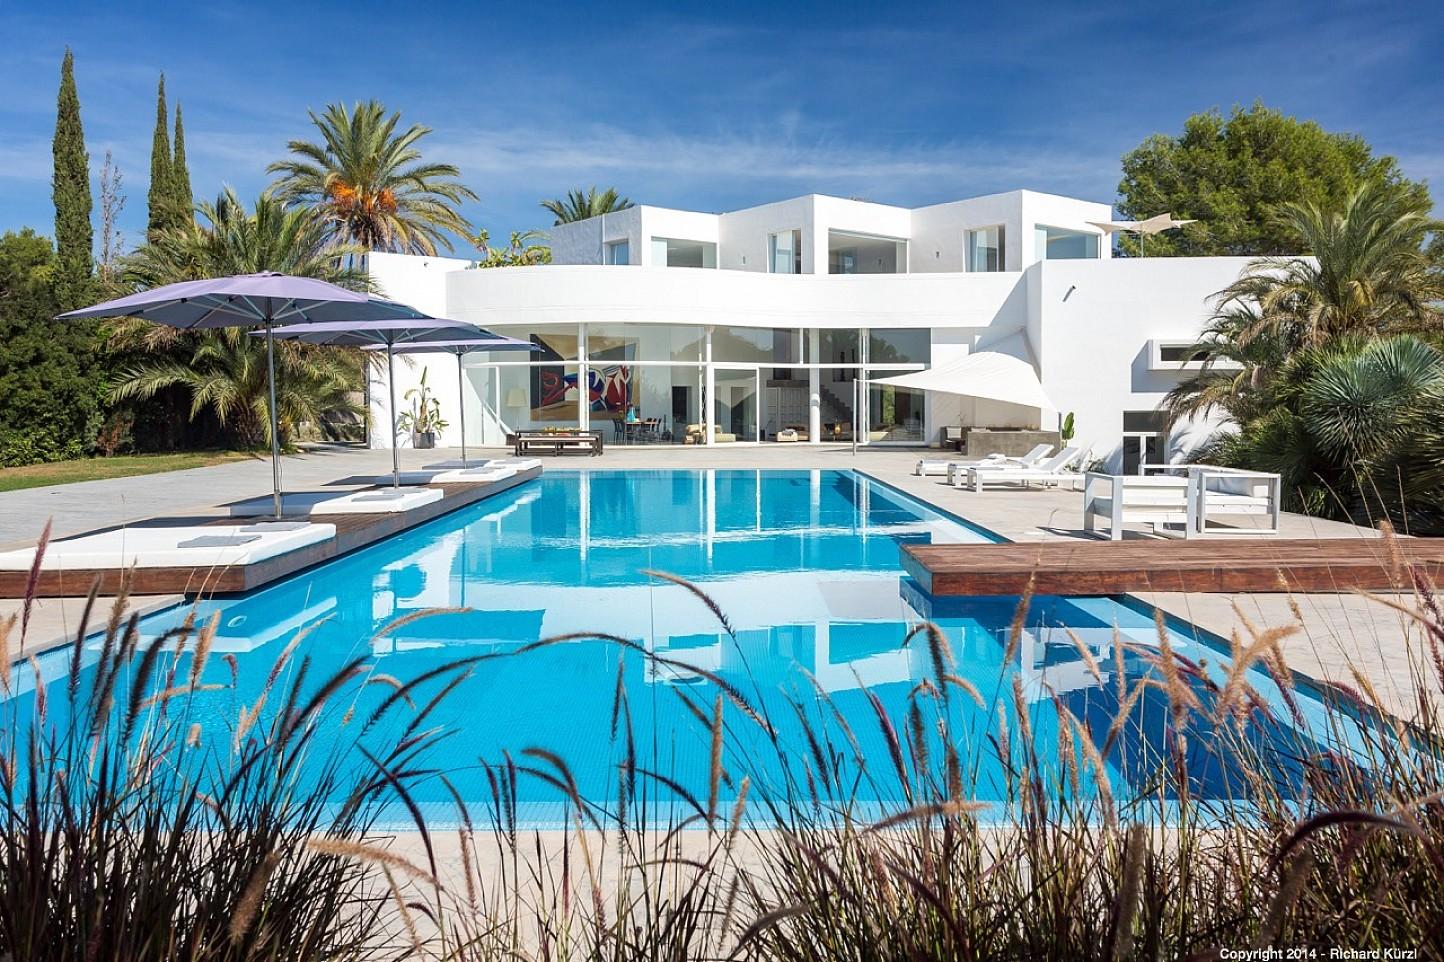 Esplèndida piscina exterior a la part davantera de la casa